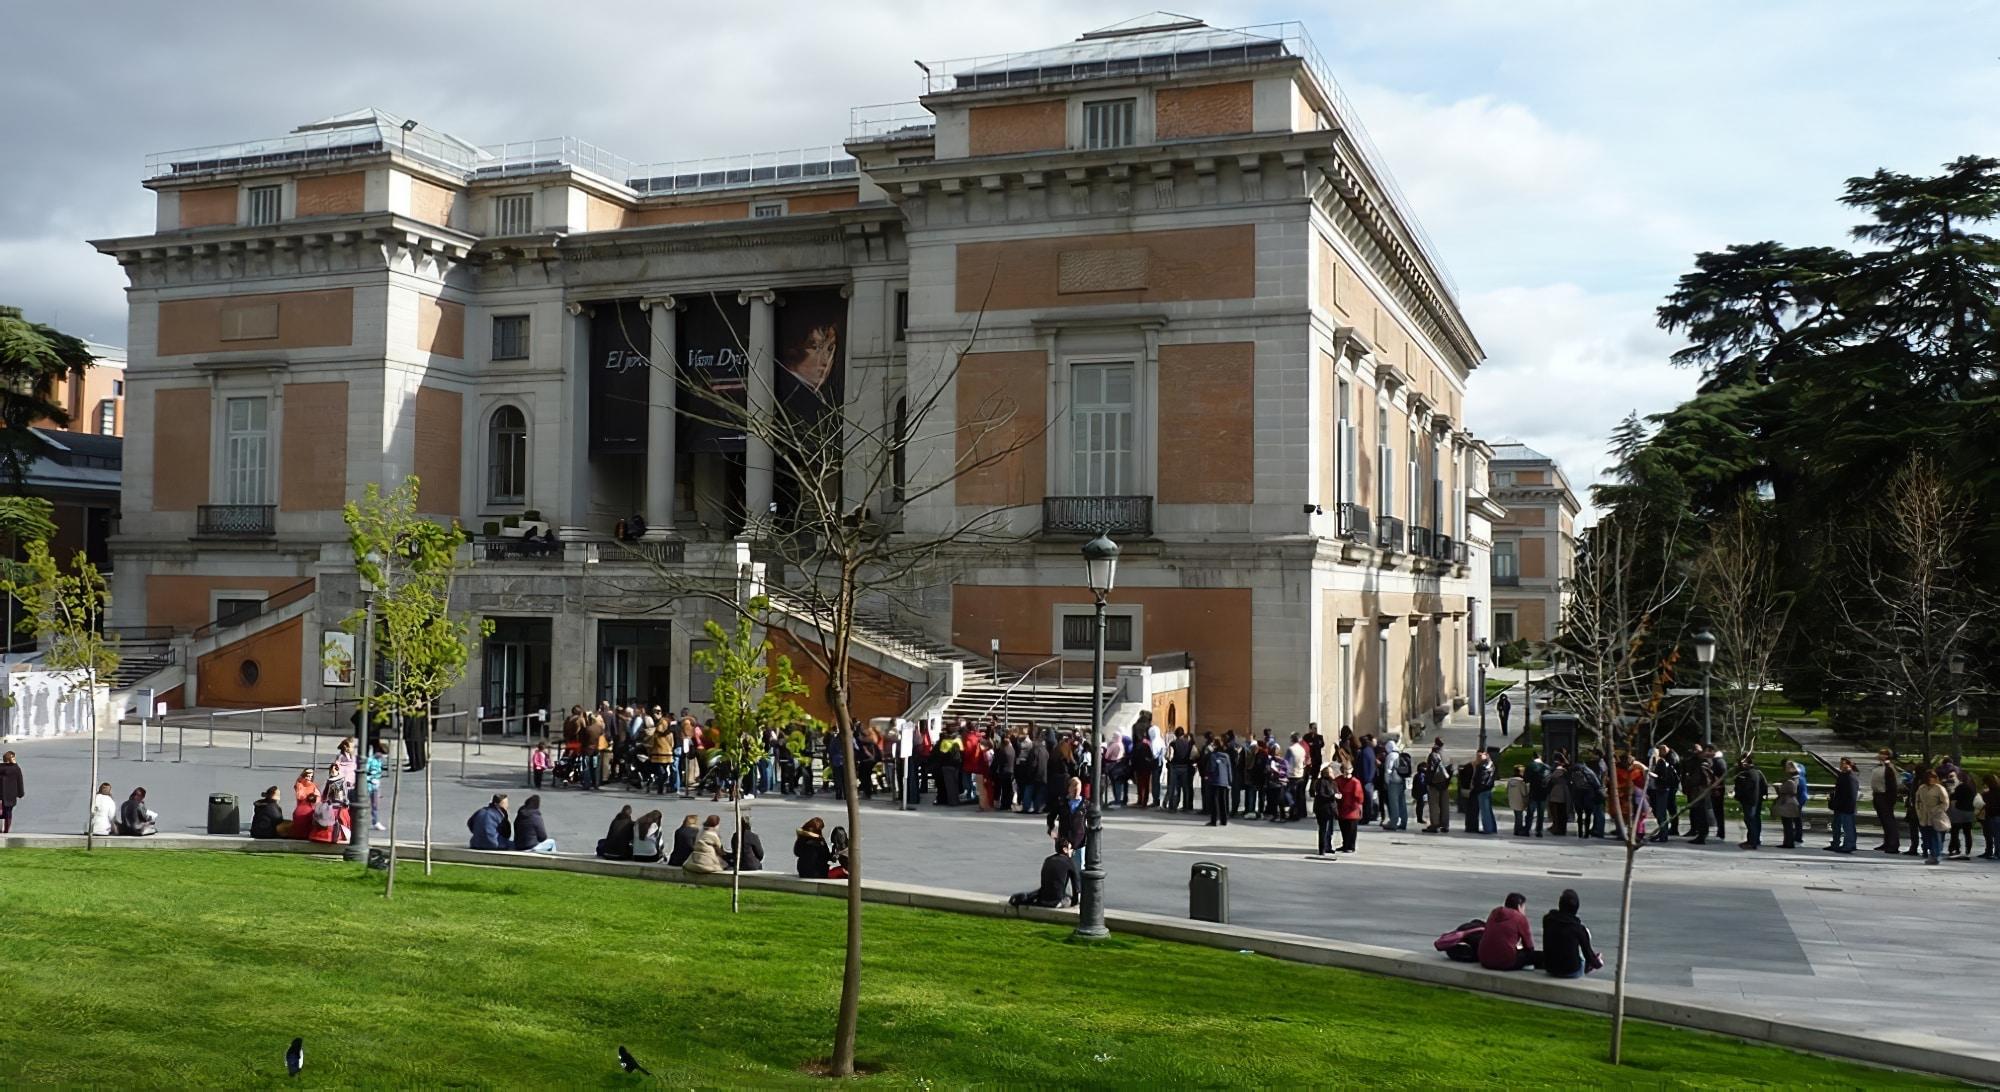 Visiter le Musée du Prado à Madrid